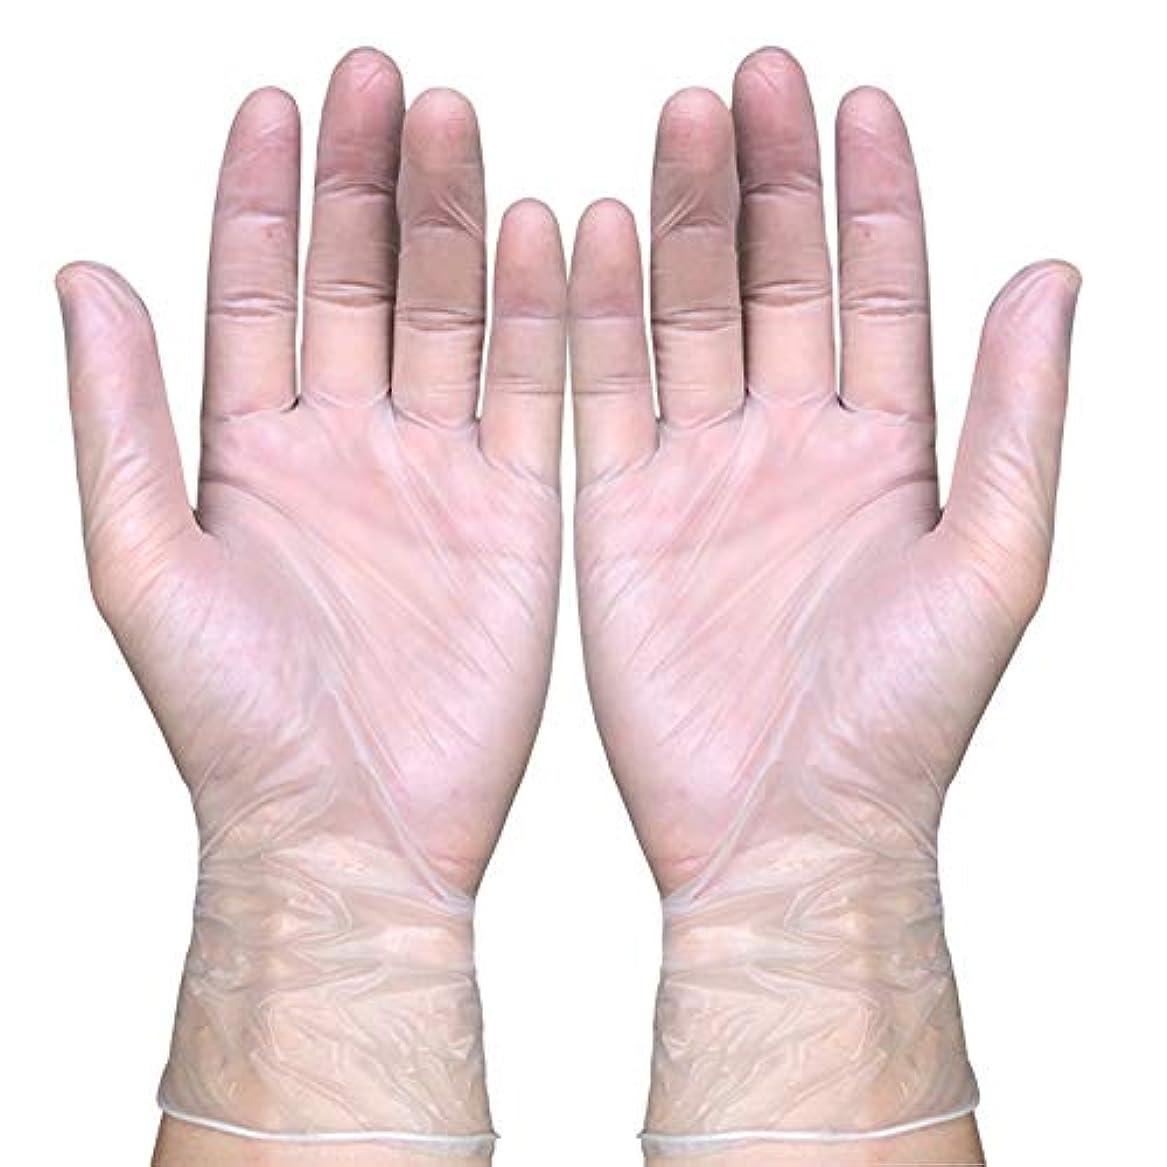 苦悩同時ファンネルウェブスパイダー使い捨て医療ビニール検査用手袋、液体、血液、検査、ヘルスケア、食品の取り扱い粉なし、100カウント,S